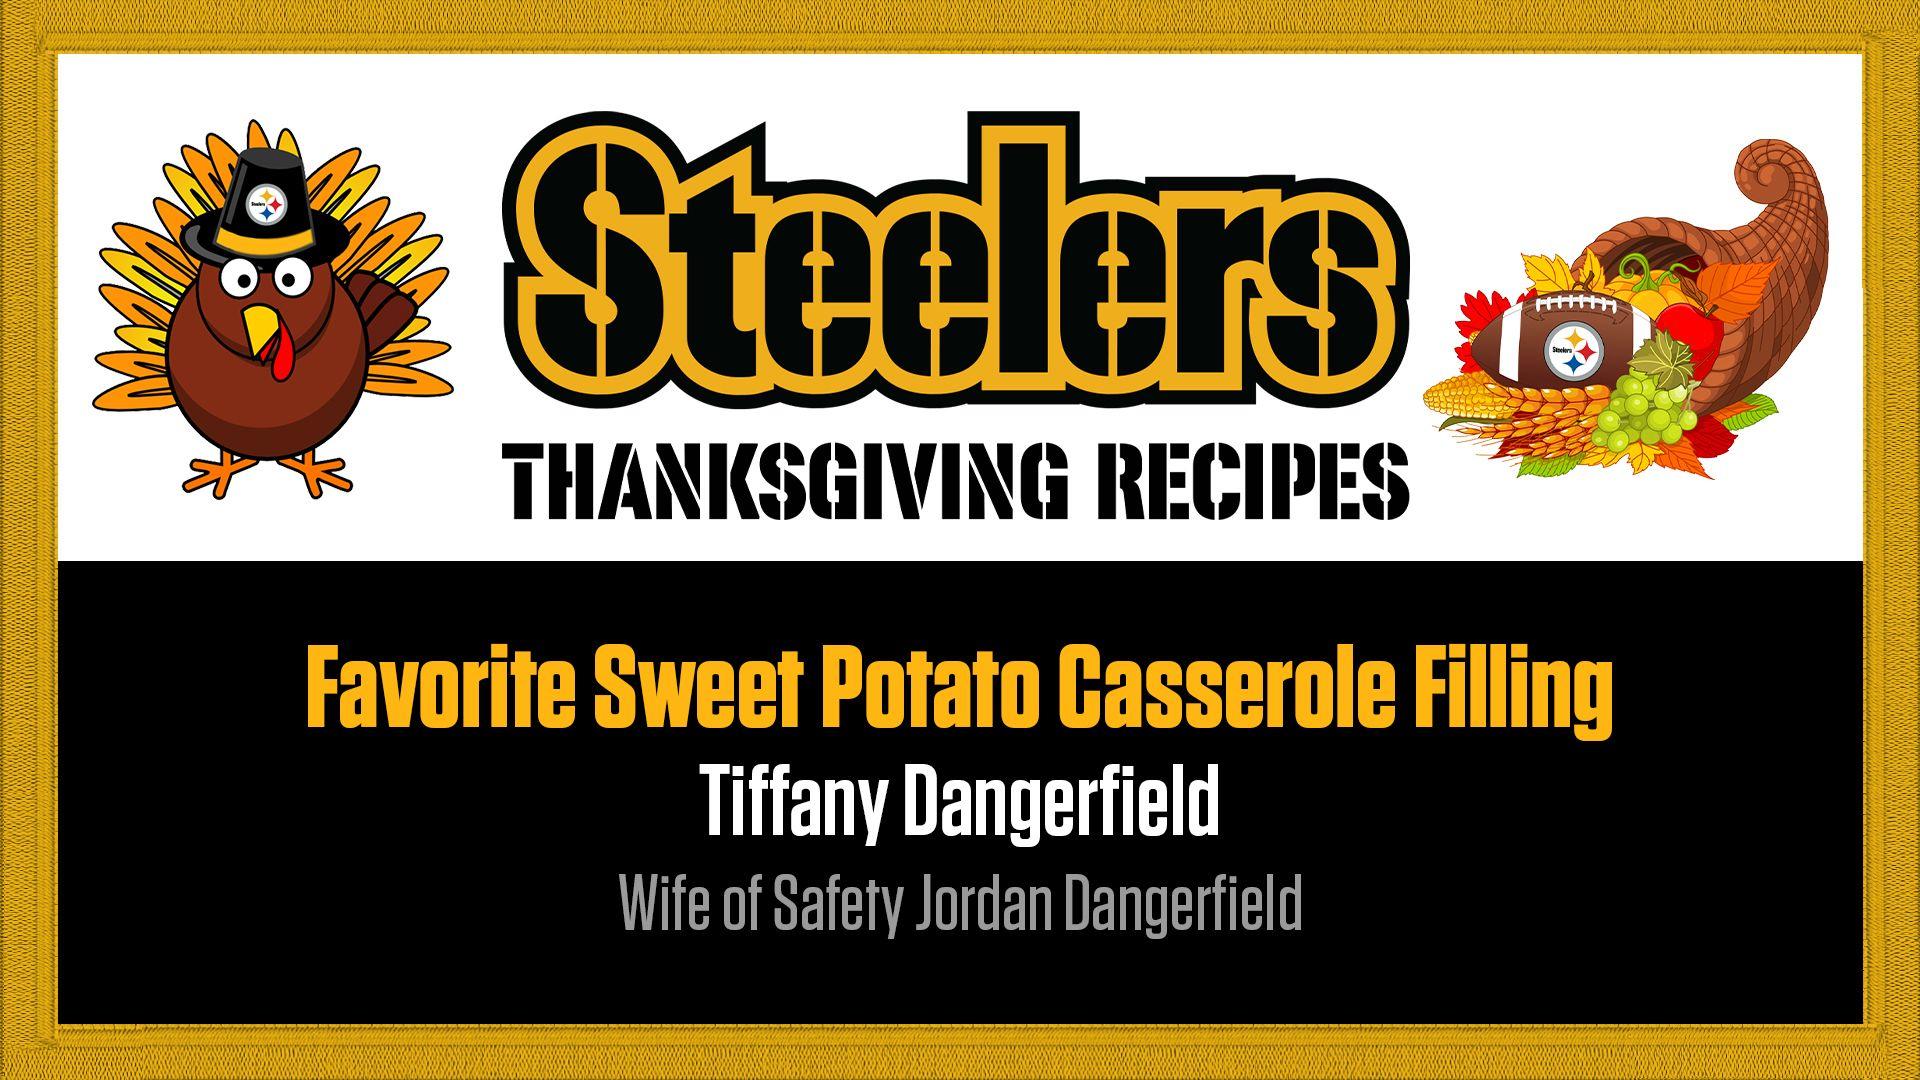 Recipe-favorite sweet potato caserrole filling_tiffany dangerfield